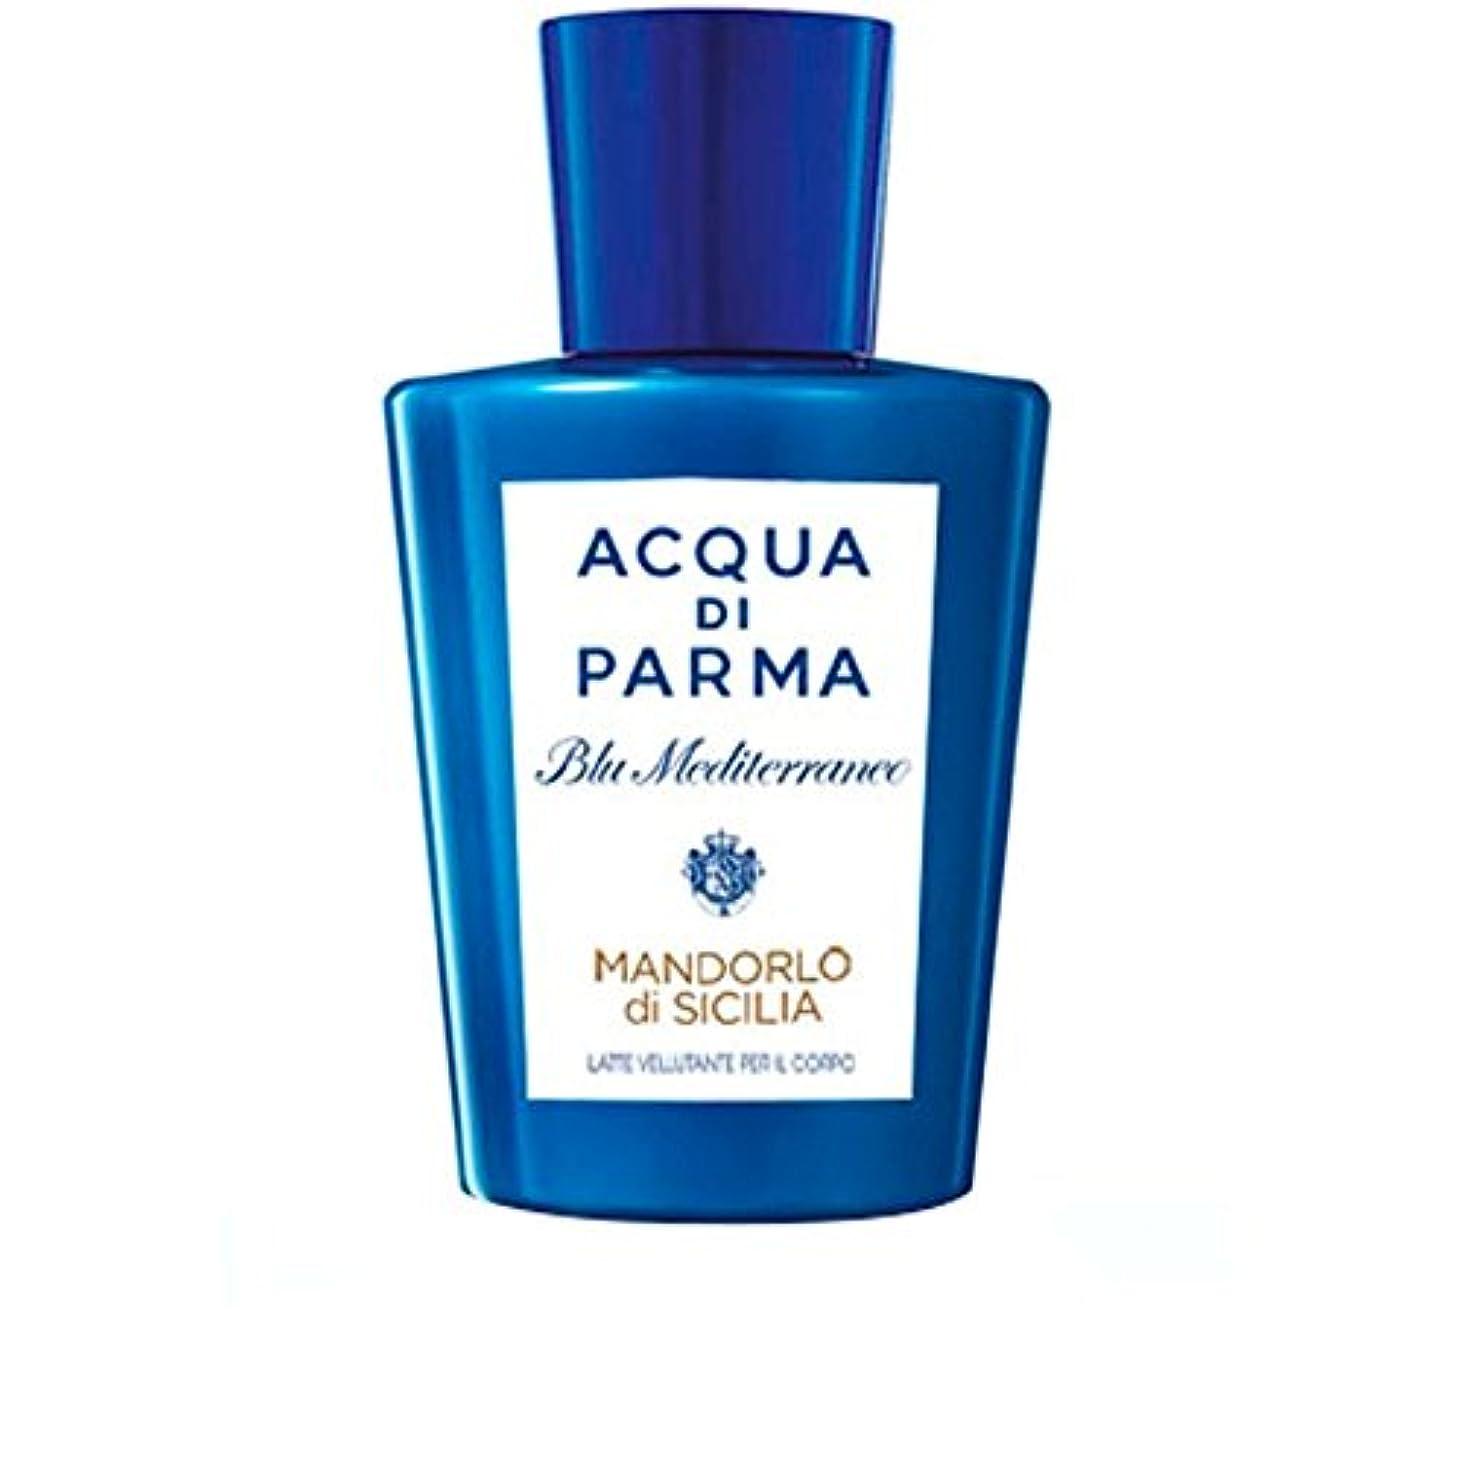 ヒューバートハドソン母音あからさまアクアディパルママンドルロ?ディ?シチリア至福のボディローション200 x2 - Acqua Di Parma Mandorlo Di Sicilia Pampering Body Lotion 200ml (Pack...